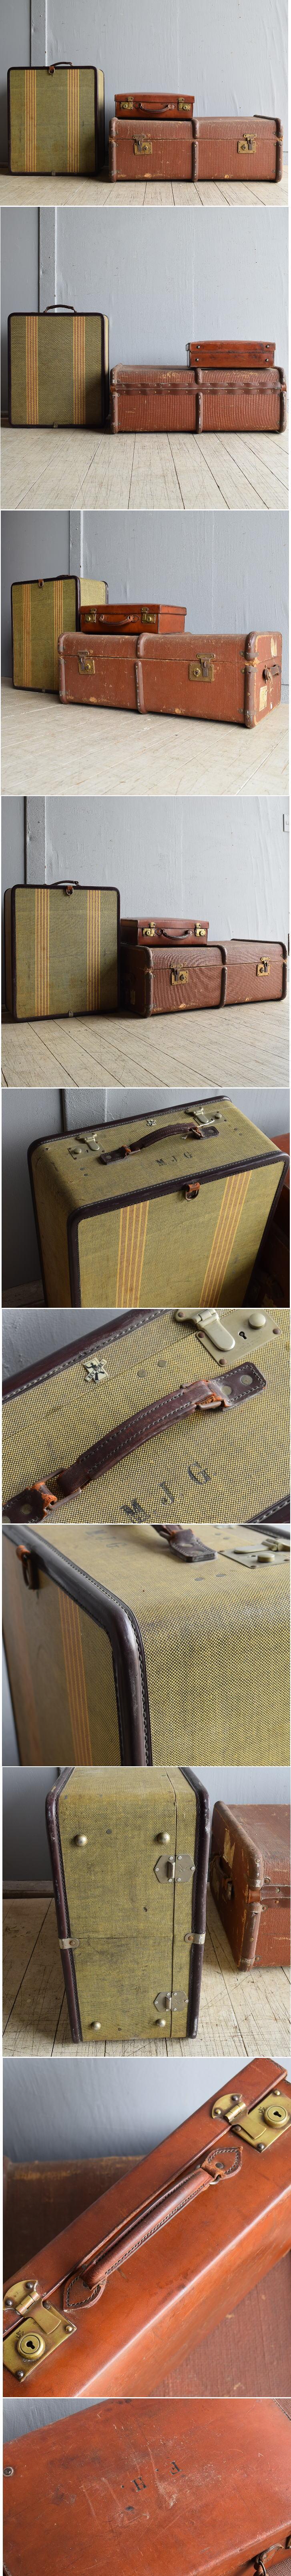 イギリス アンティーク スーツケース×3 トランク ディスプレイ 旅行鞄 8044